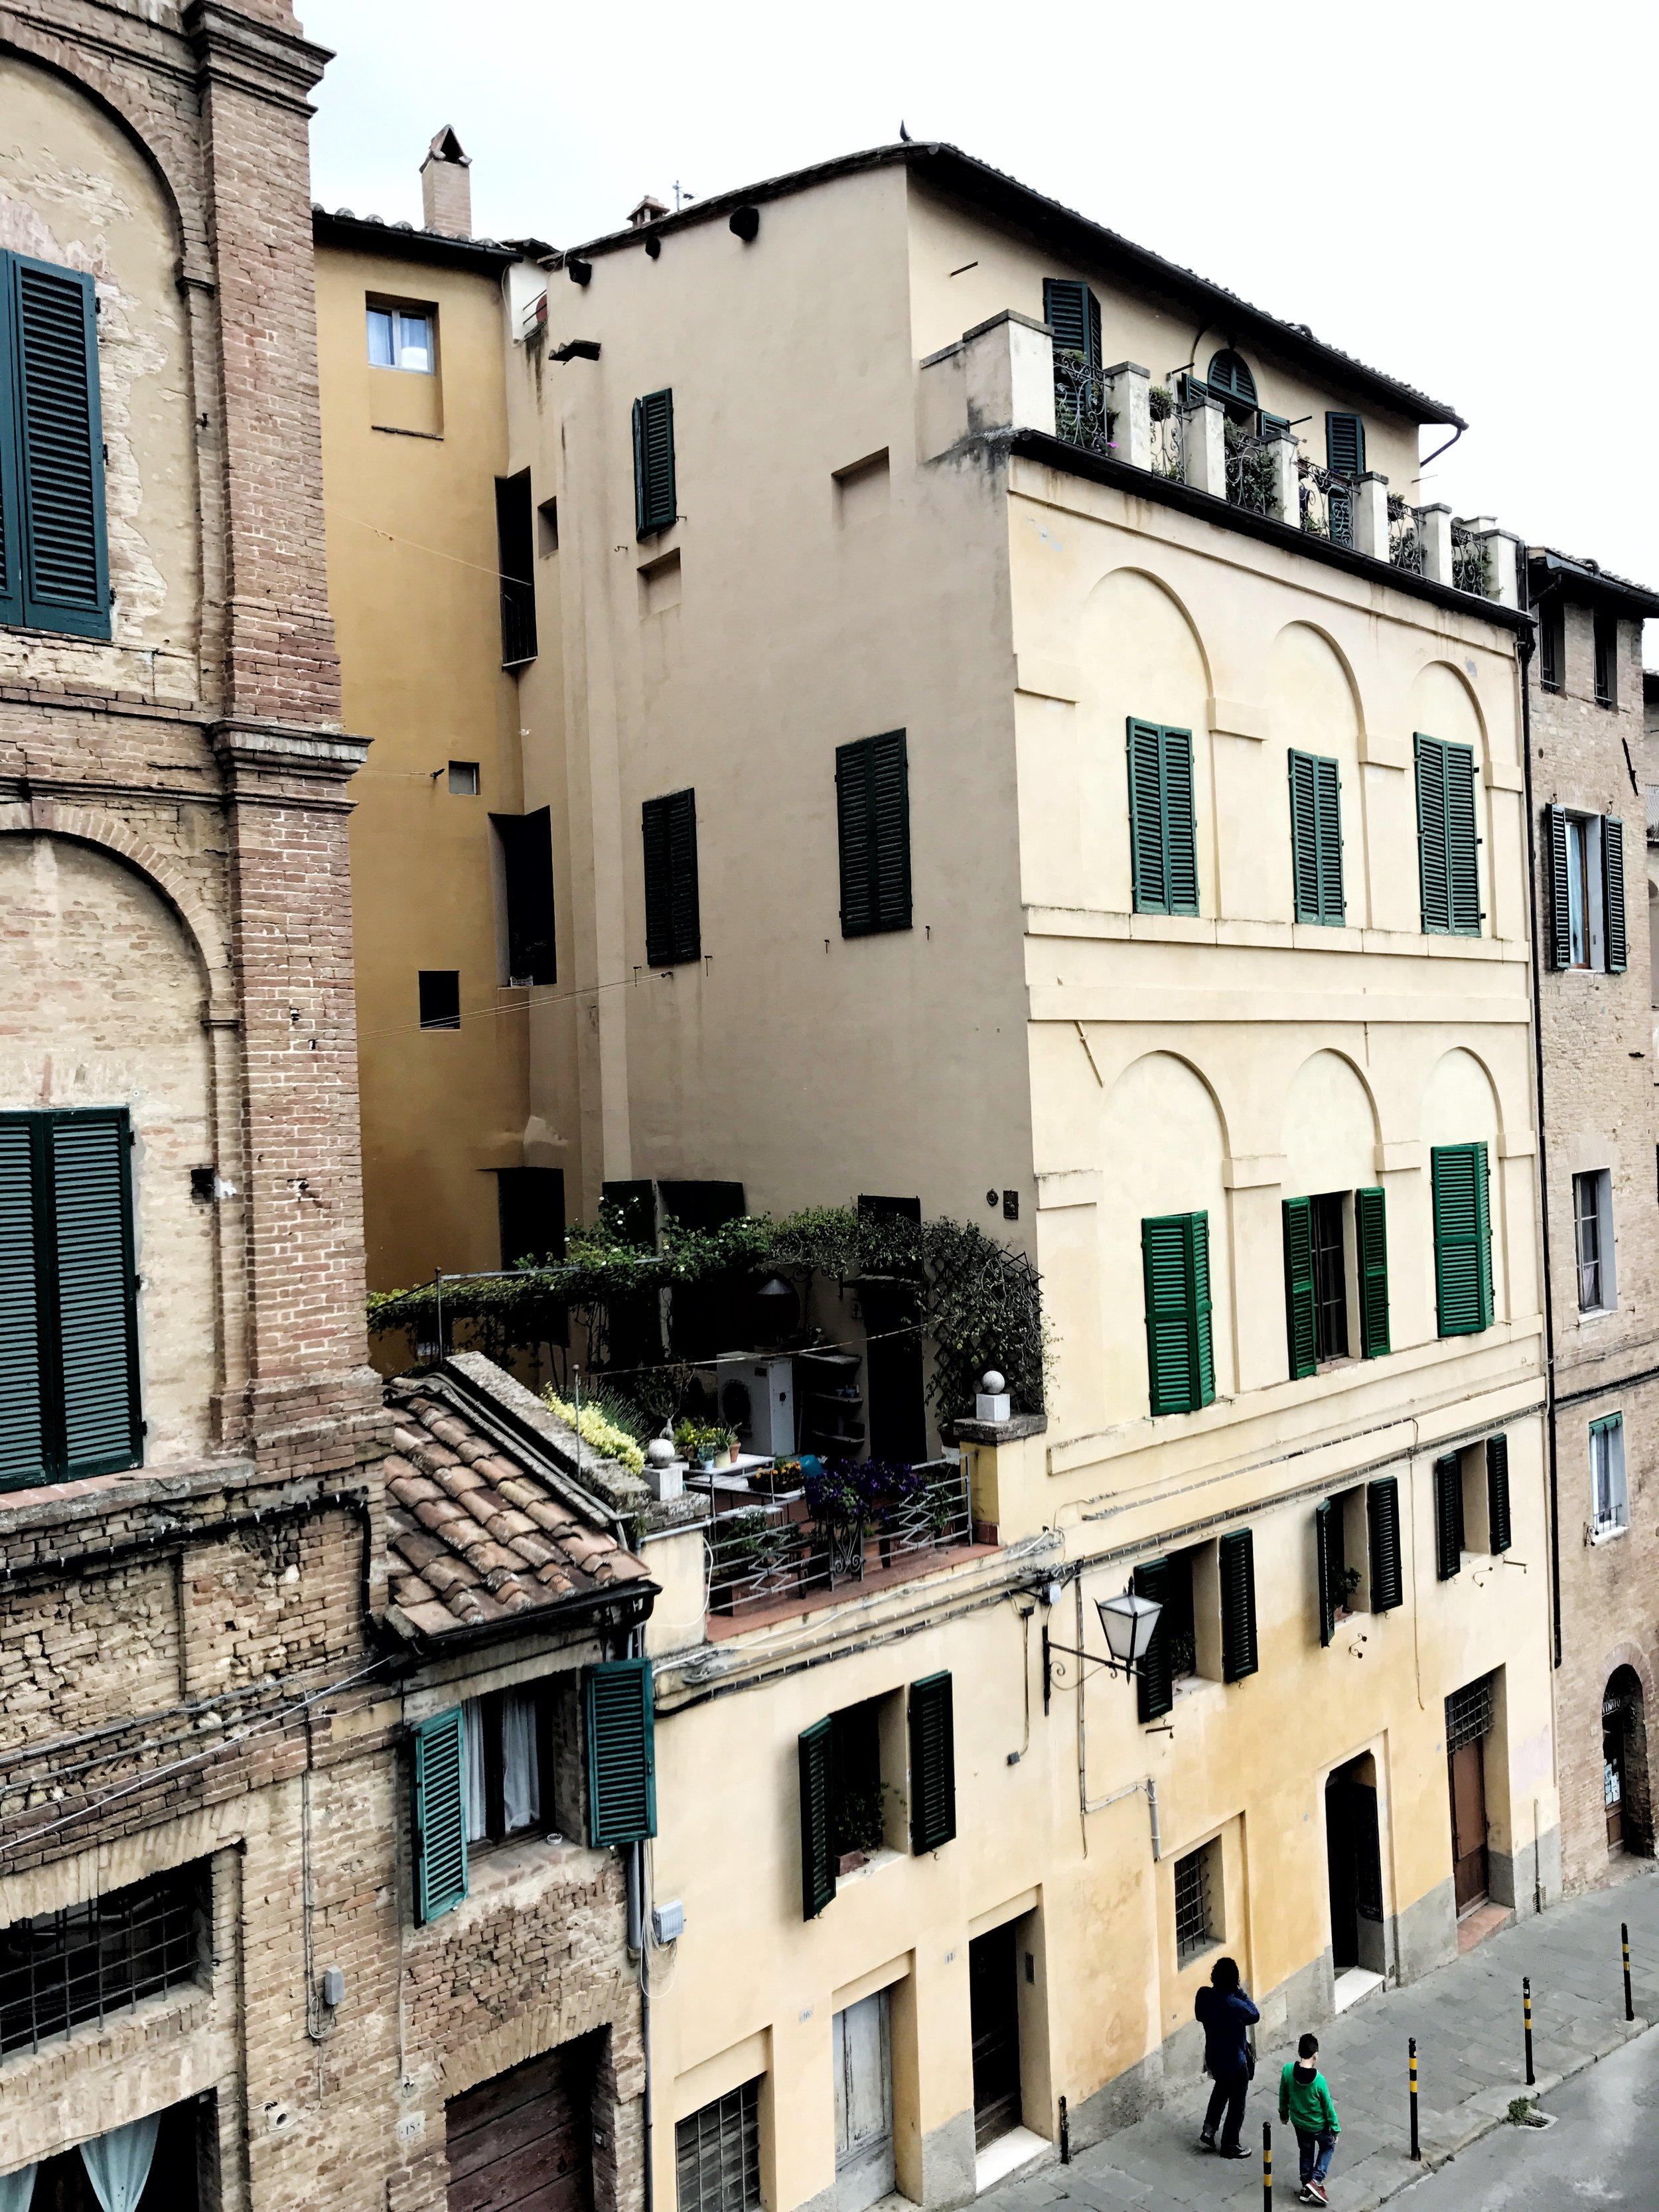 Rooftop garden in Siena, Italy